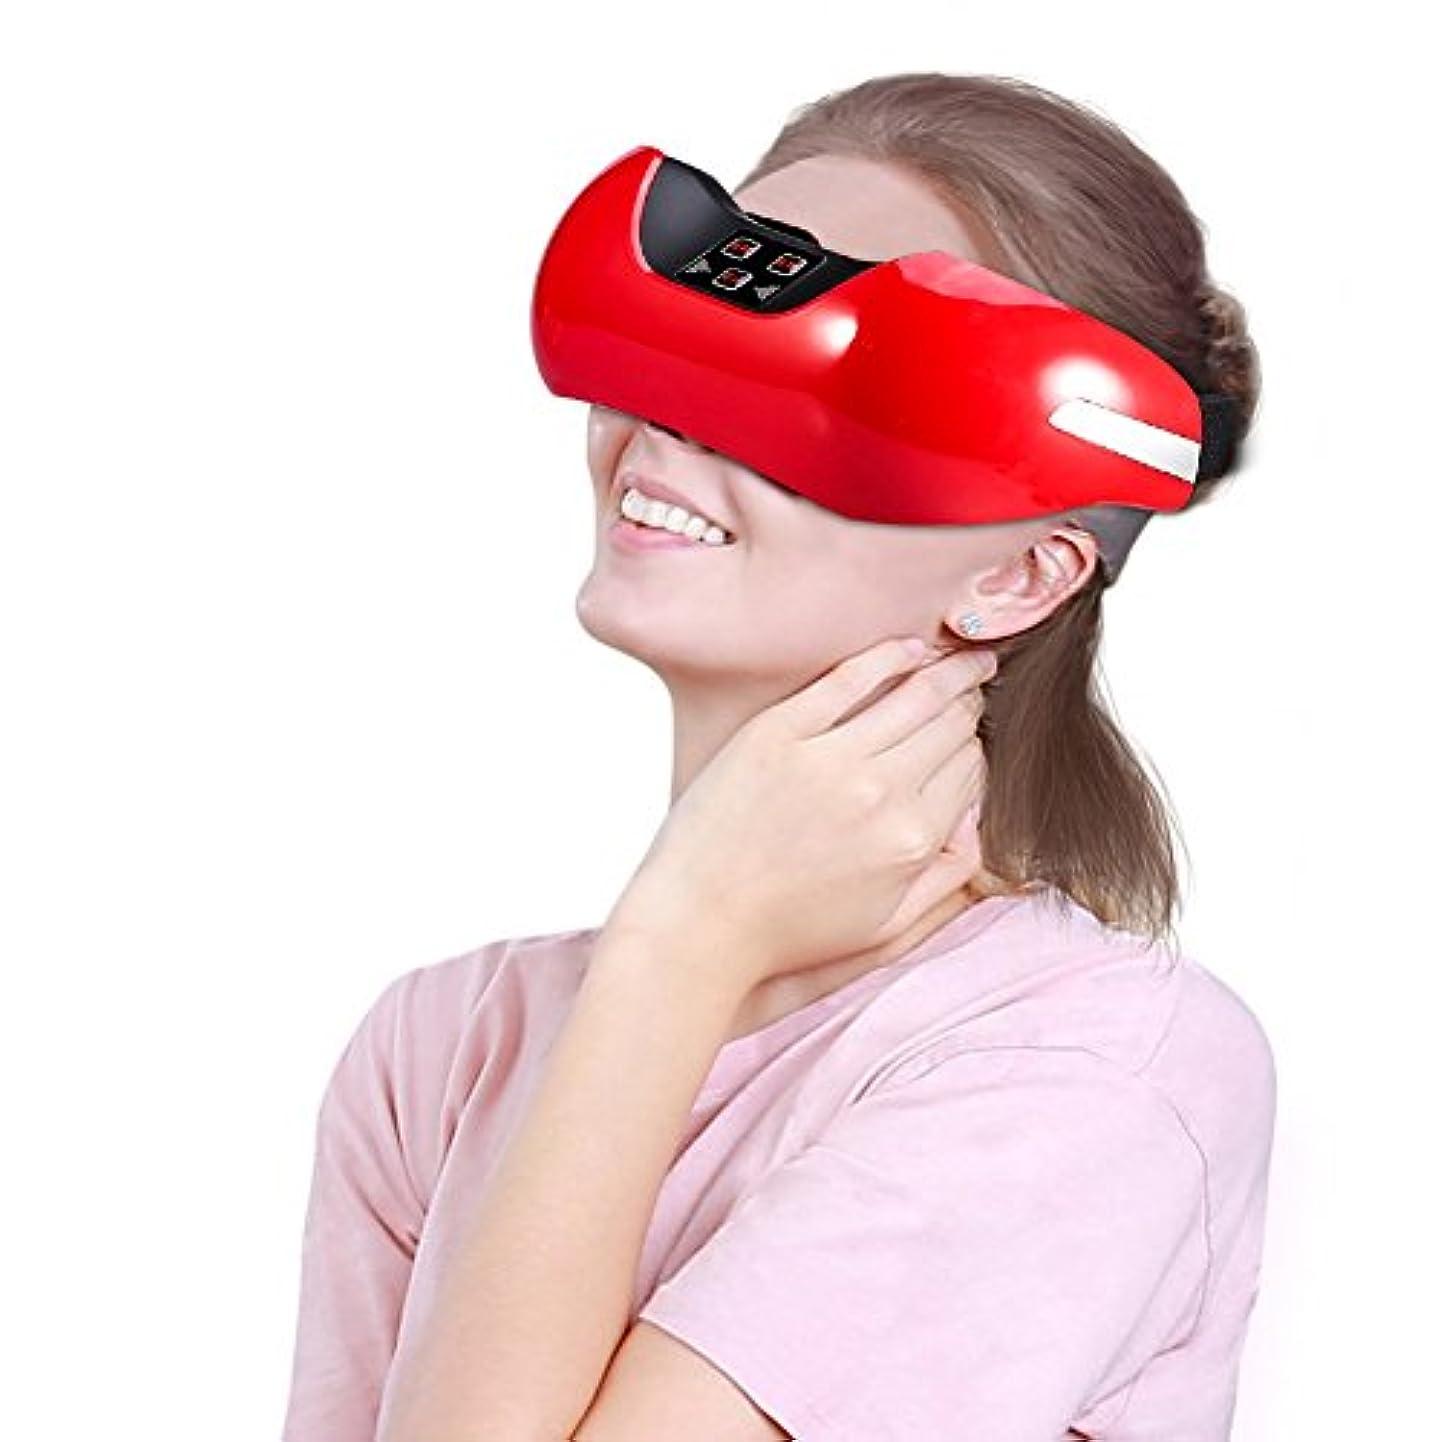 リズミカルなキャンベラループUSB充電式3D電動グリーンライトアイマッサージャー(赤)